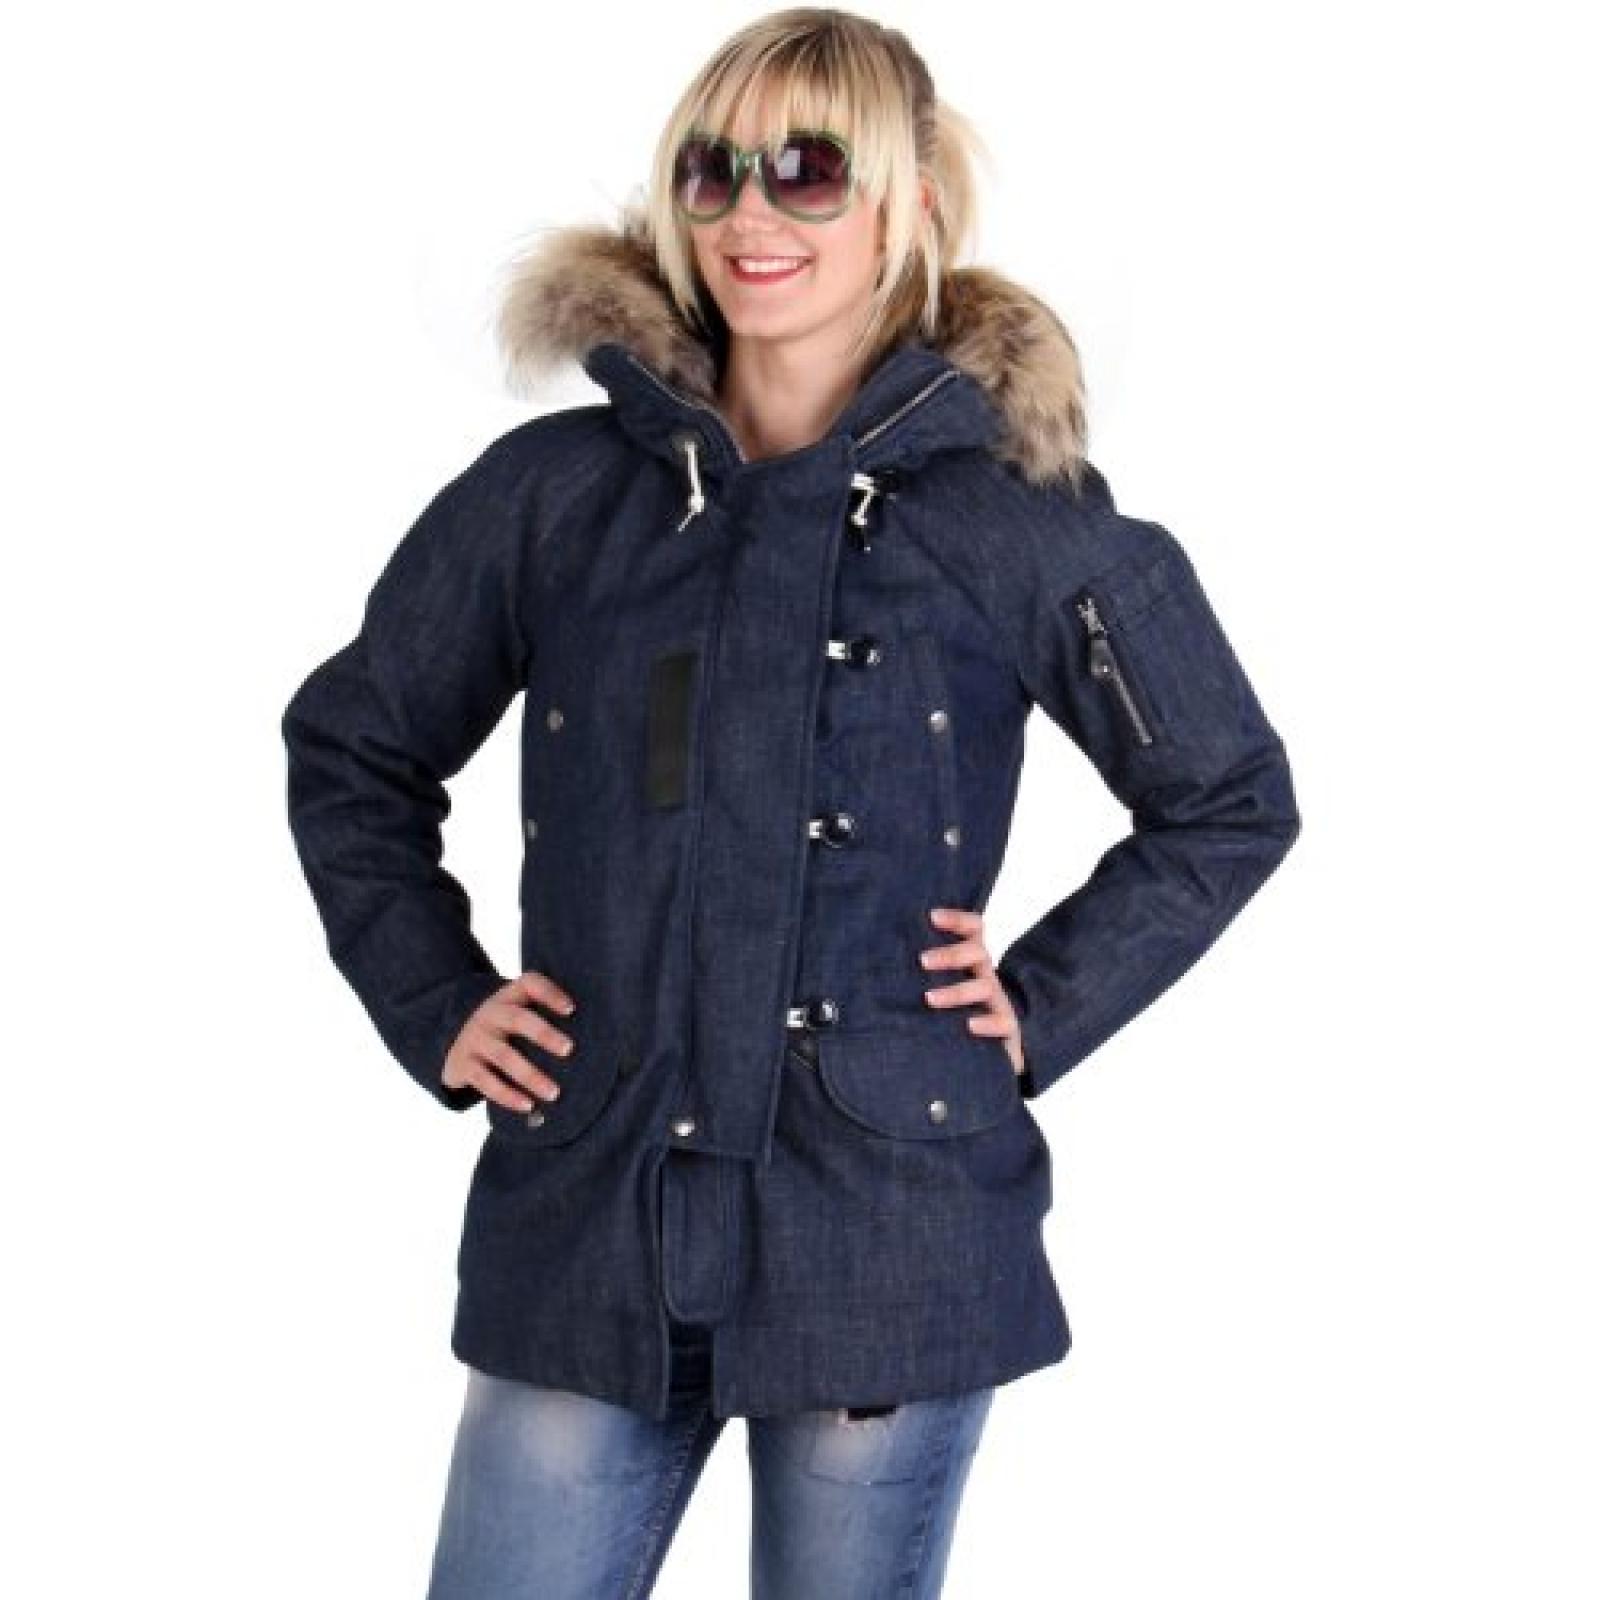 MUSEUM Damen Winter Daunenjacke Jeans Blau MD19453